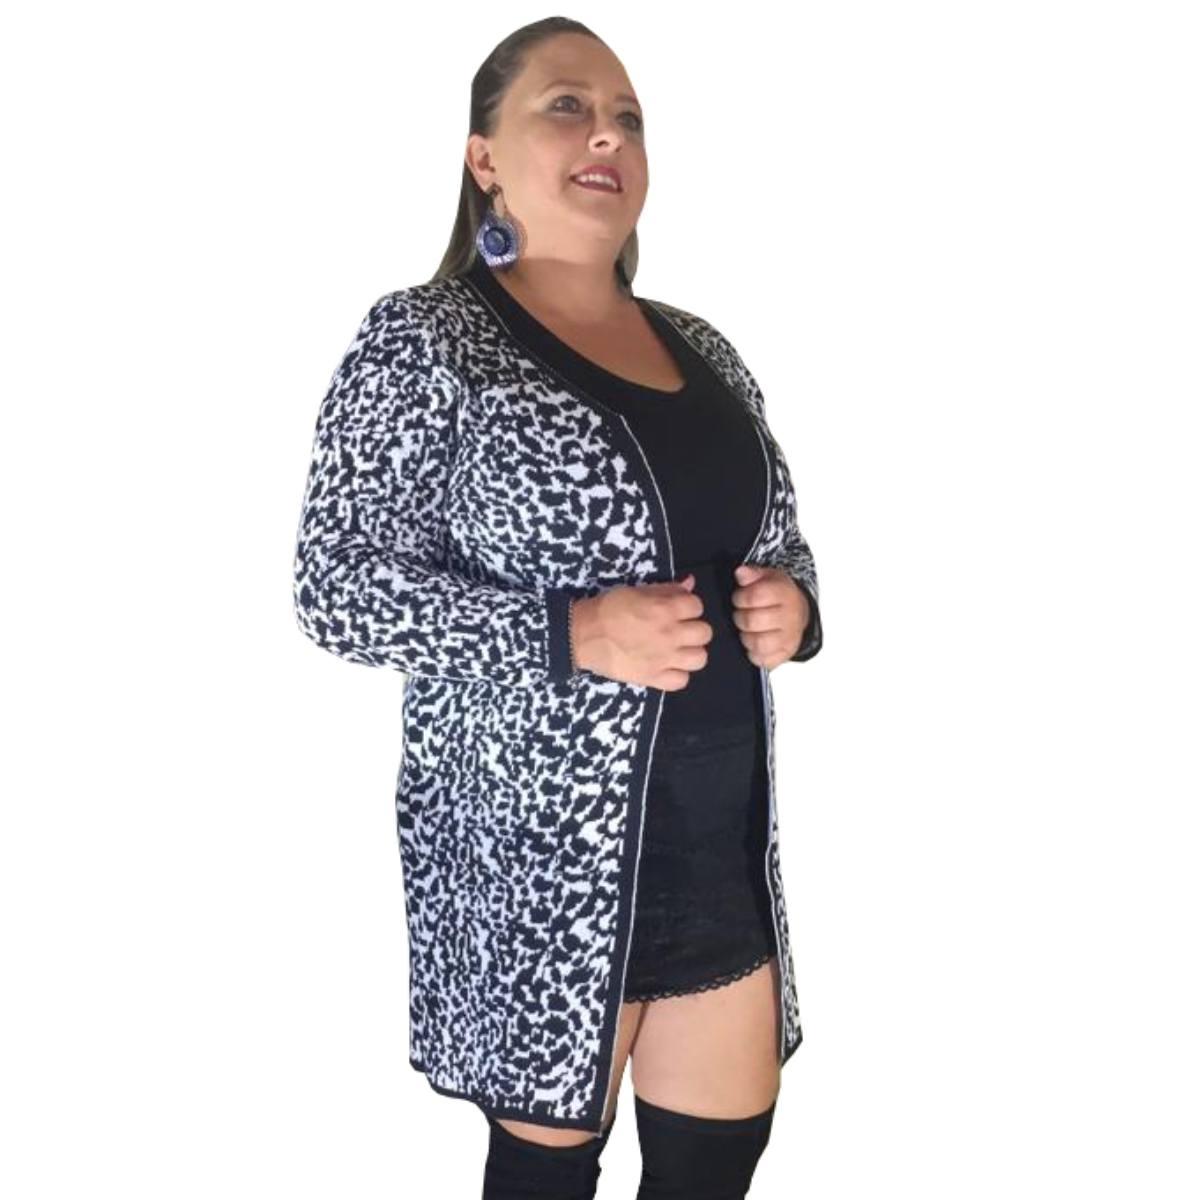 casaco plus size de inverno moda feminina 2019